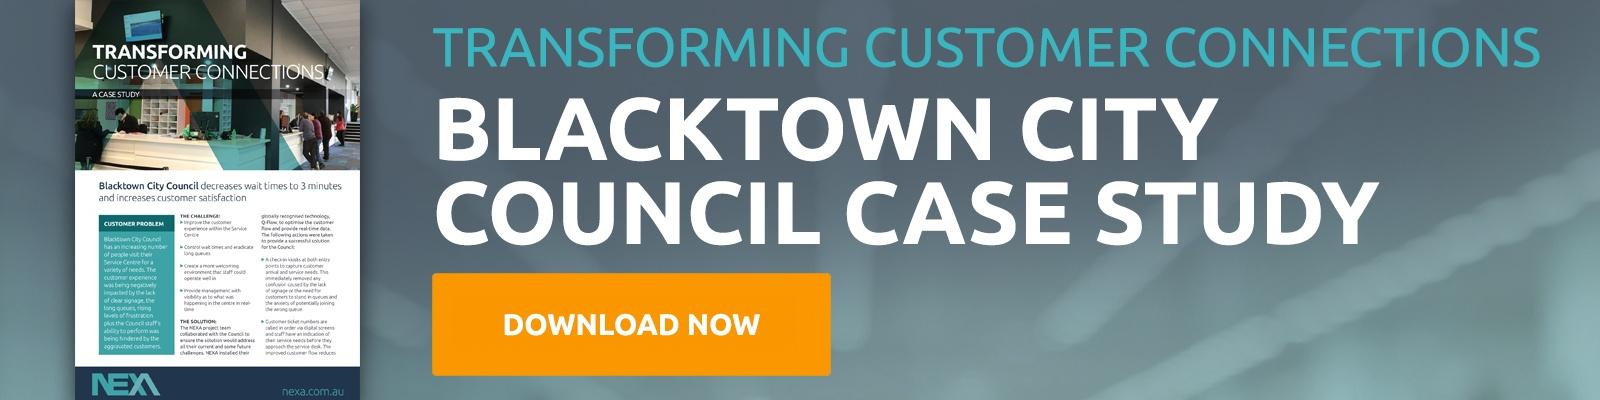 Blacktown City Council Case Study